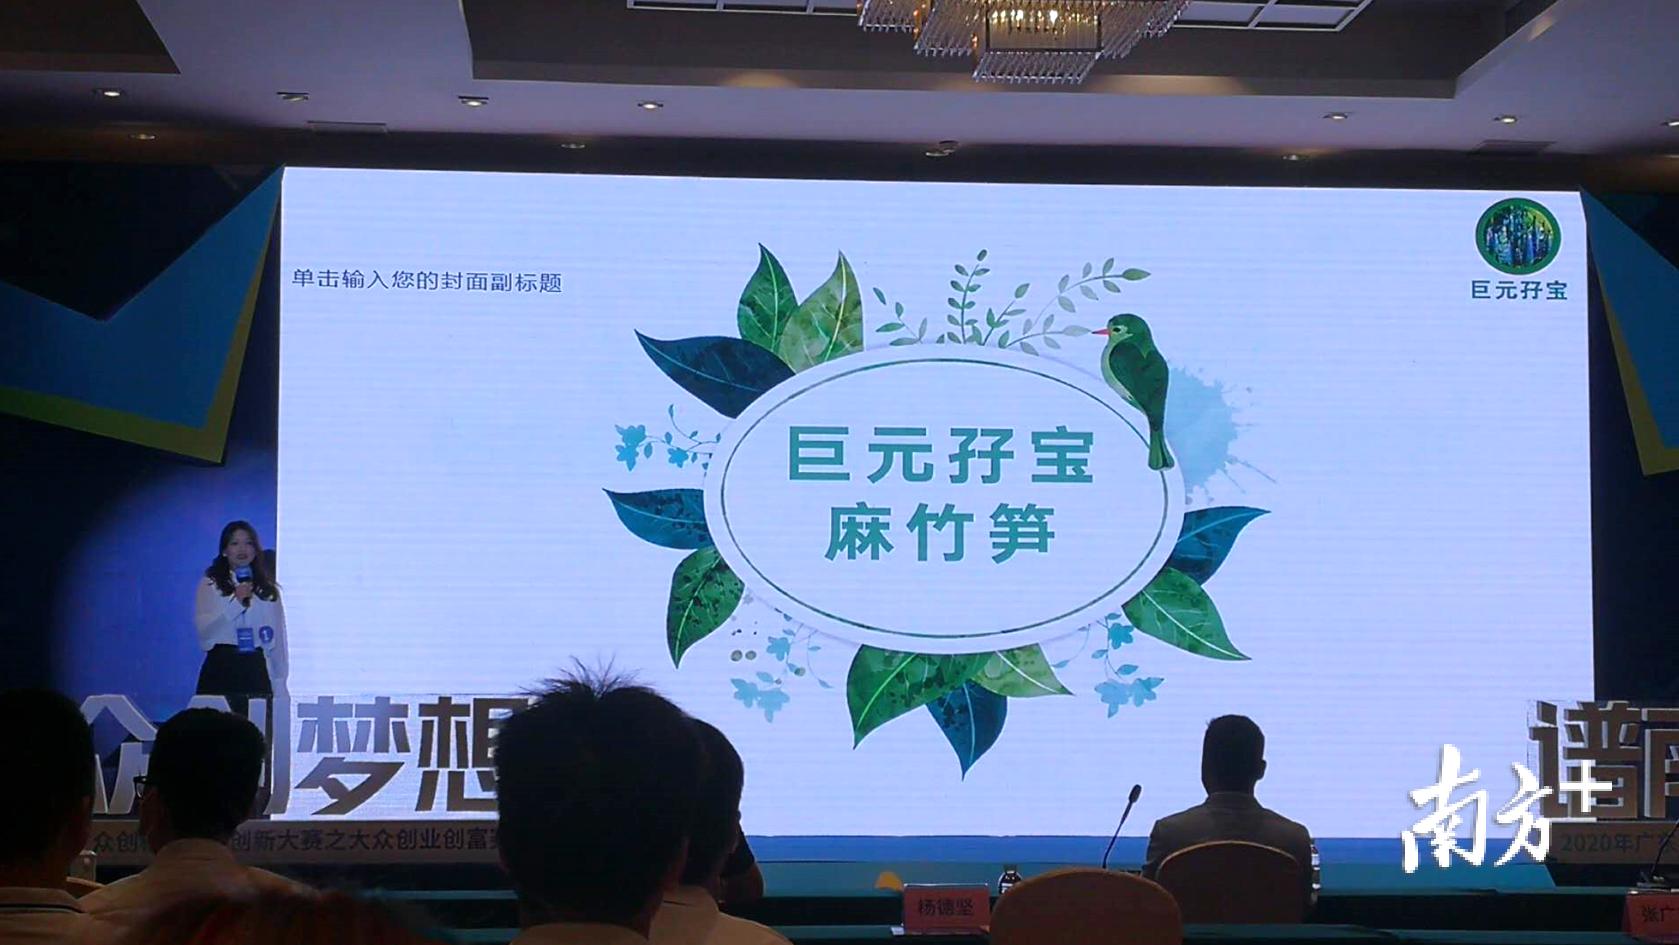 清远电商助农项目——巨元孖宝麻竹笋。